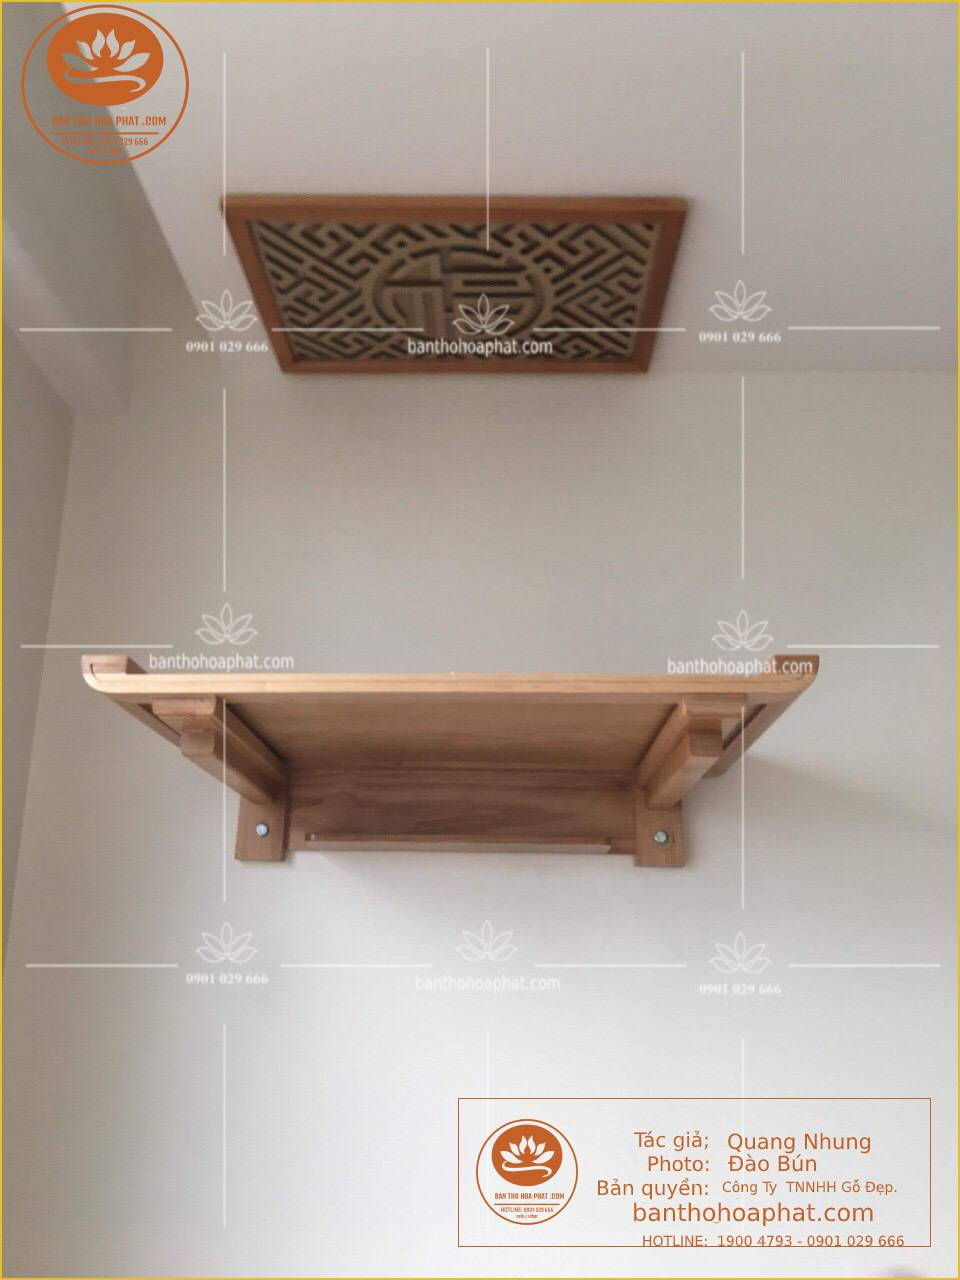 - Mẫu bàn thờ treo tường chung cư - chất liệu gỗ sồi - kích thước 48 x 69 - ám khói 41 x 61 chữ lộc hán - màu sắc gỗ tư nhiên màu sồi